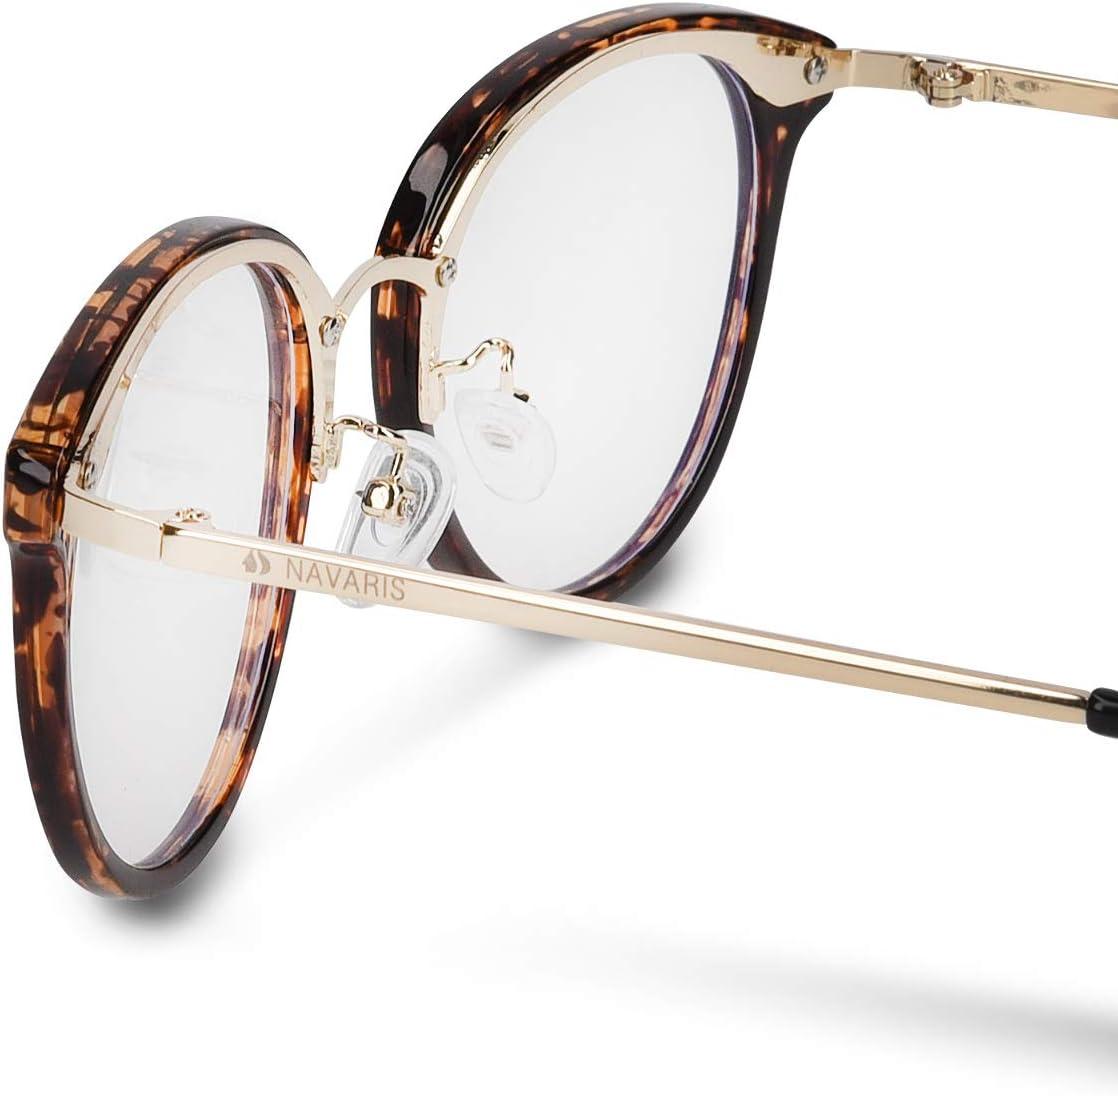 Navaris Retro Brille ohne Sehst/ärke mit Metallb/ügeln Anti Blaulicht Computer Nerdbrille ohne St/ärke Damen Herren Vintage 50er Nerd Brille